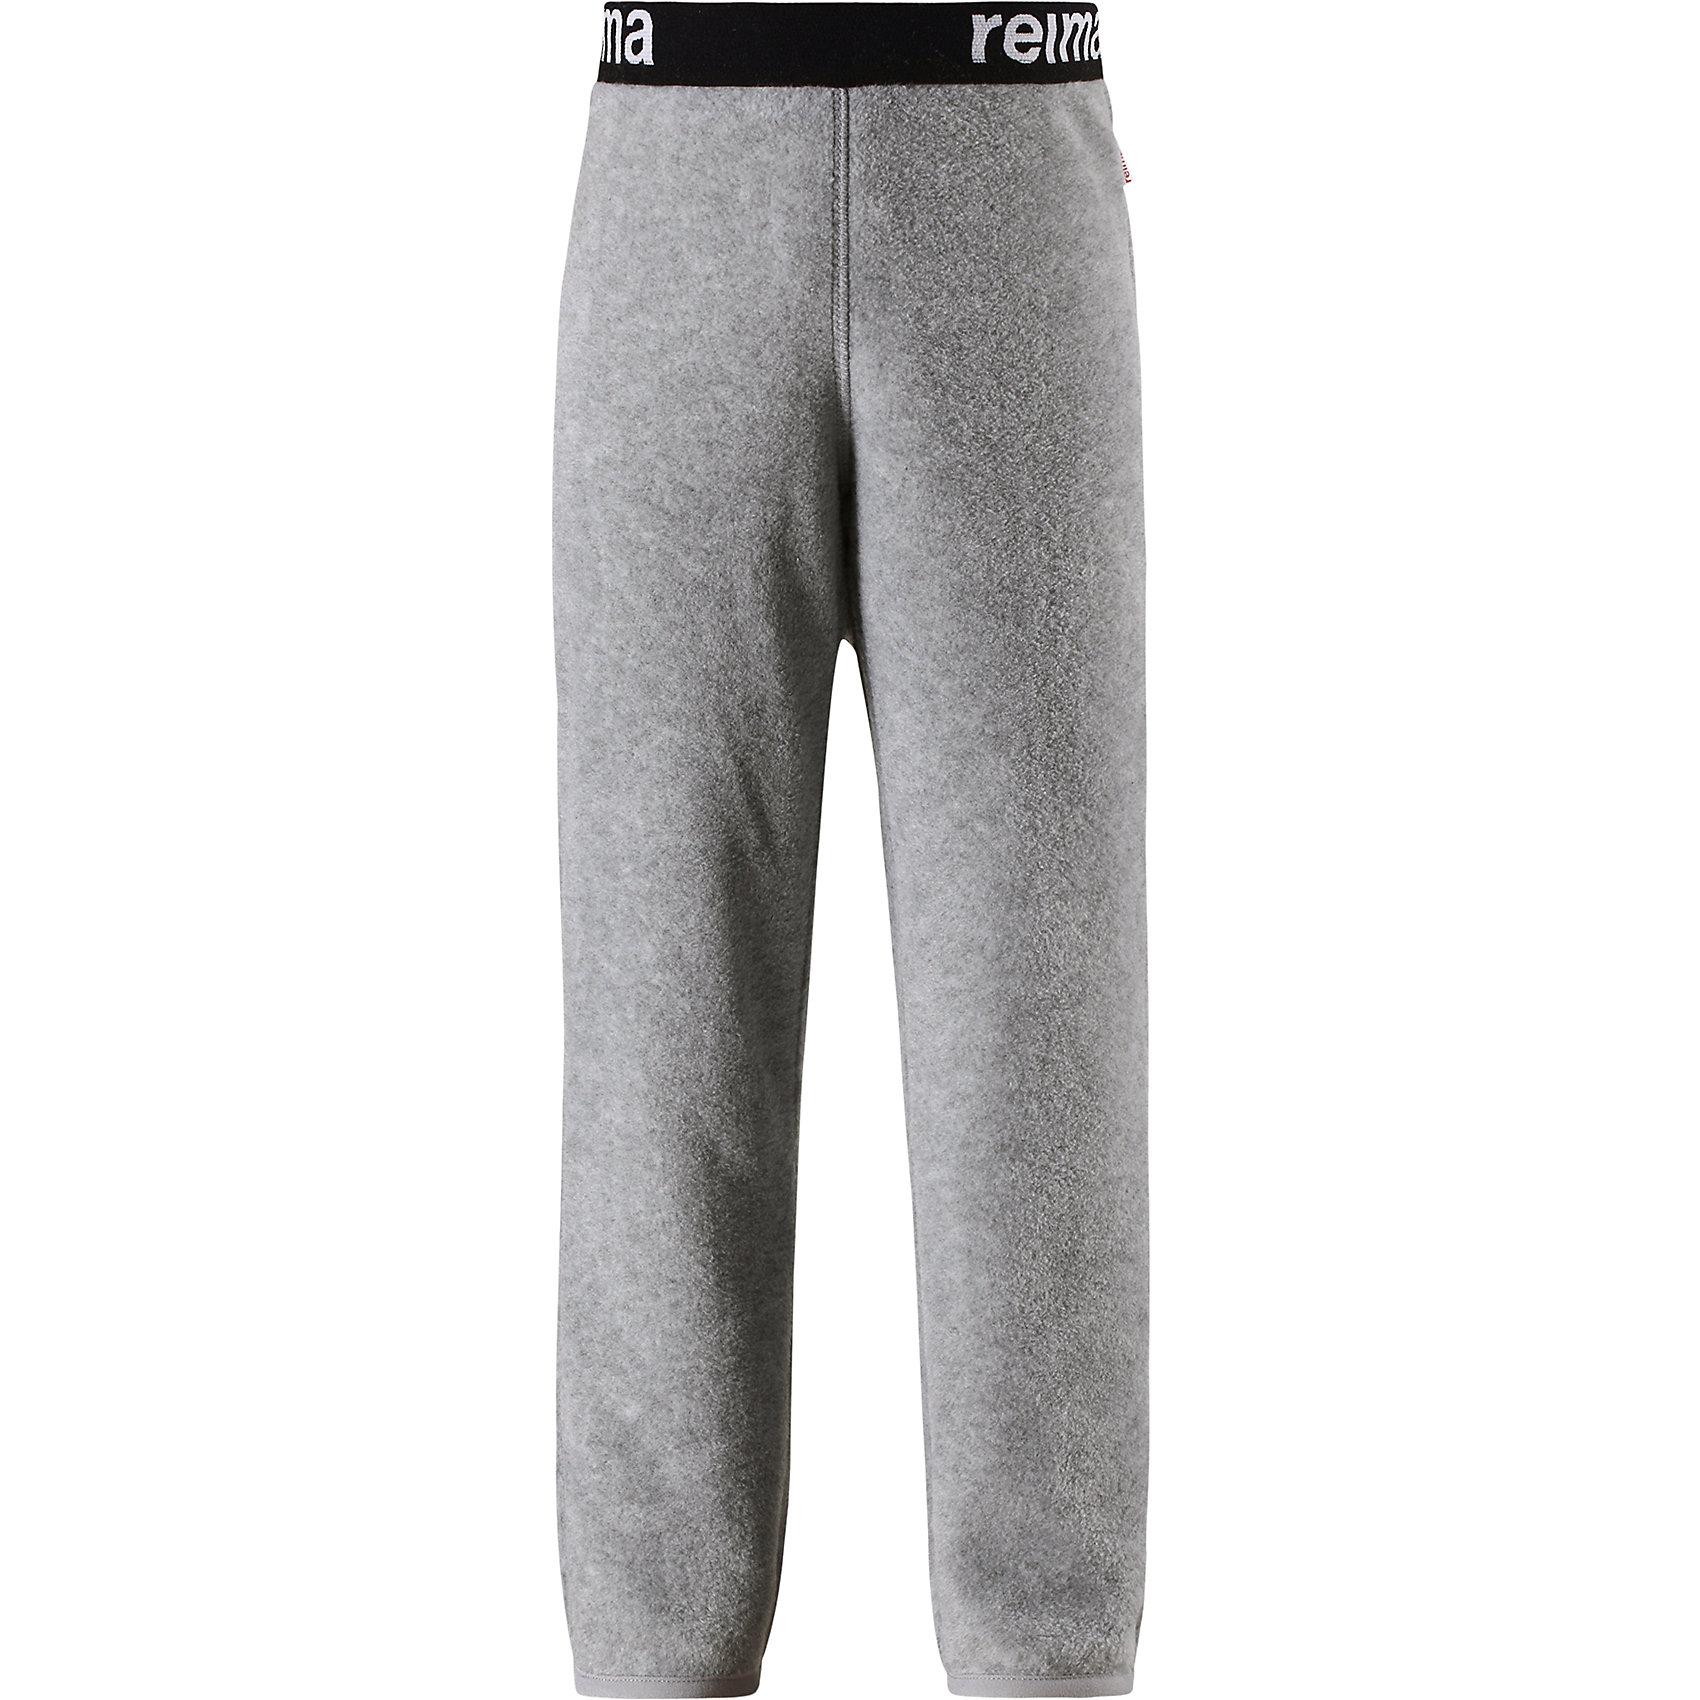 Флисовые брюки Reima ArgeliusФлис и термобелье<br>Характеристики товара:<br><br>• цвет: серый;<br>• состав: 100% полиэстер;<br>• сезон: зима;<br>• быстро сохнут и сохраняют тепло;<br>• выводит влагу в верхние слои одежды;<br>• регулируемый пояс со шнурком;<br>• эластичная резинка на штанинах;<br>• страна бренда: Финляндия;<br>• страна изготовитель: Китай.<br><br>Детские флисовые брюки отлично подойдут для поддевания под верхнюю одежду. Легкий и теплый полярный флис эффективно отводит влагу с кожи и быстро сохнет. Детские флисовые брюки снабжены регулируемой эластичной резинкой на талии, благодаря чему, их удобно носить с несколькими слоями одежды. Имеются эластичные резинки на концах брючин.<br><br>Флисовые брюки Reima Argelius от финского бренда Reima (Рейма) можно купить в нашем интернет-магазине.<br><br>Ширина мм: 215<br>Глубина мм: 88<br>Высота мм: 191<br>Вес г: 336<br>Цвет: серый<br>Возраст от месяцев: 18<br>Возраст до месяцев: 24<br>Пол: Унисекс<br>Возраст: Детский<br>Размер: 92,98,104,110,116,122,128,134,140<br>SKU: 6901923